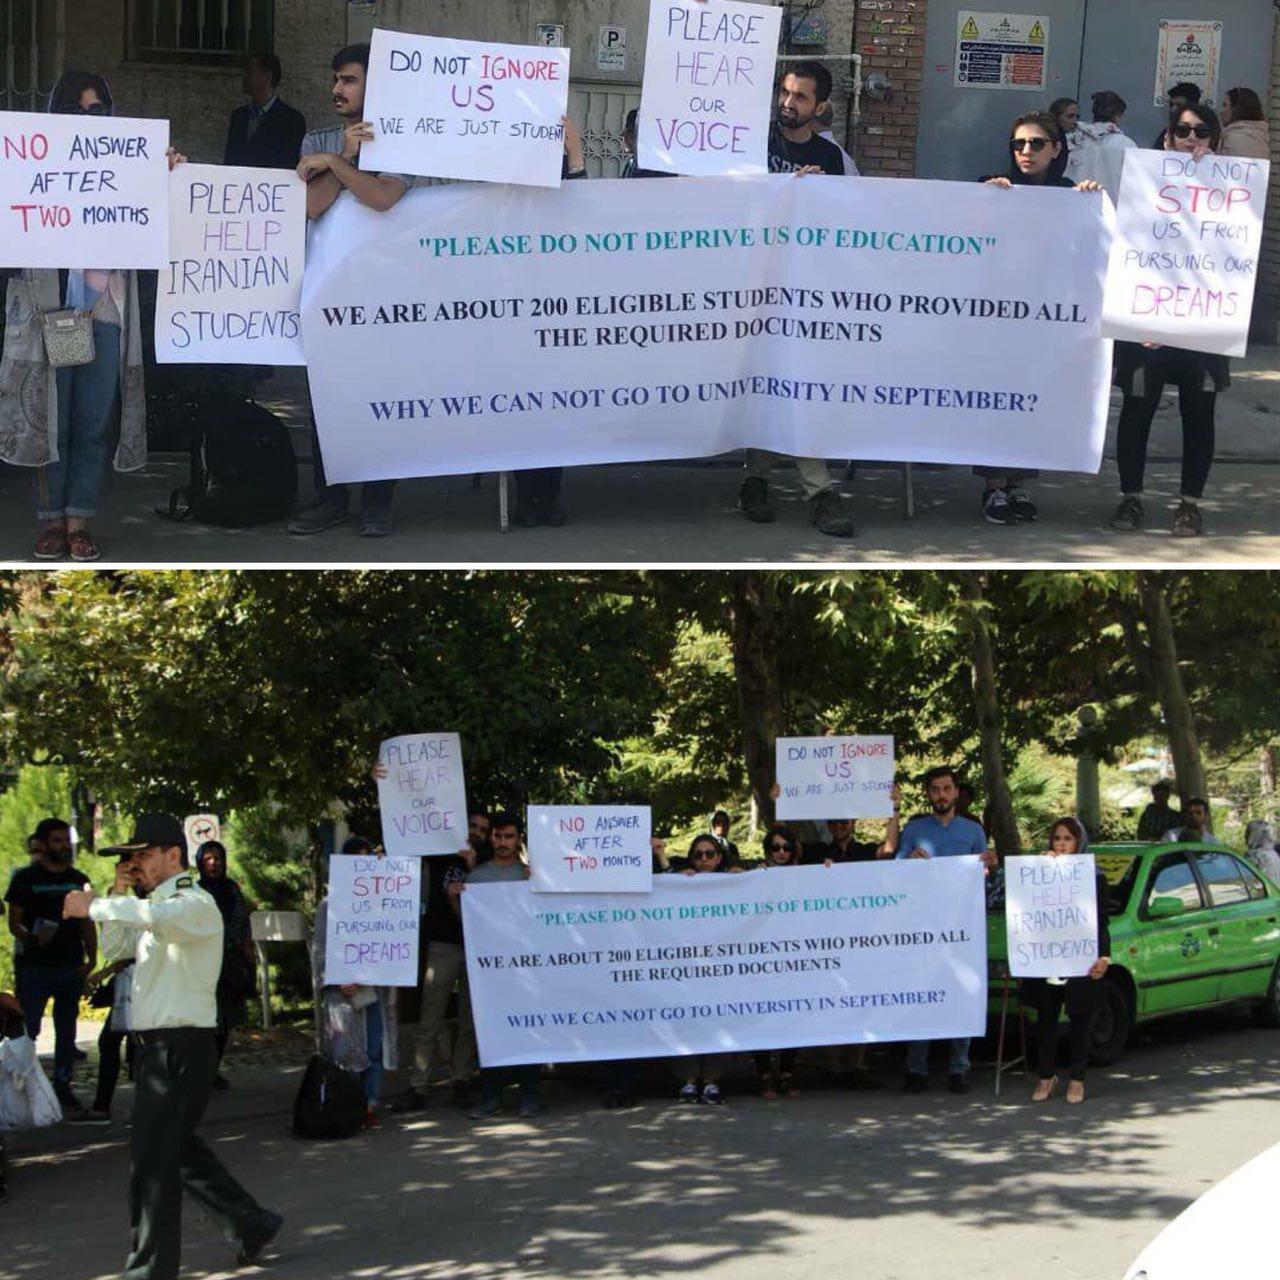 تجمع اعتراضی مقابل سفارت ایتالیا در تهران + عکس